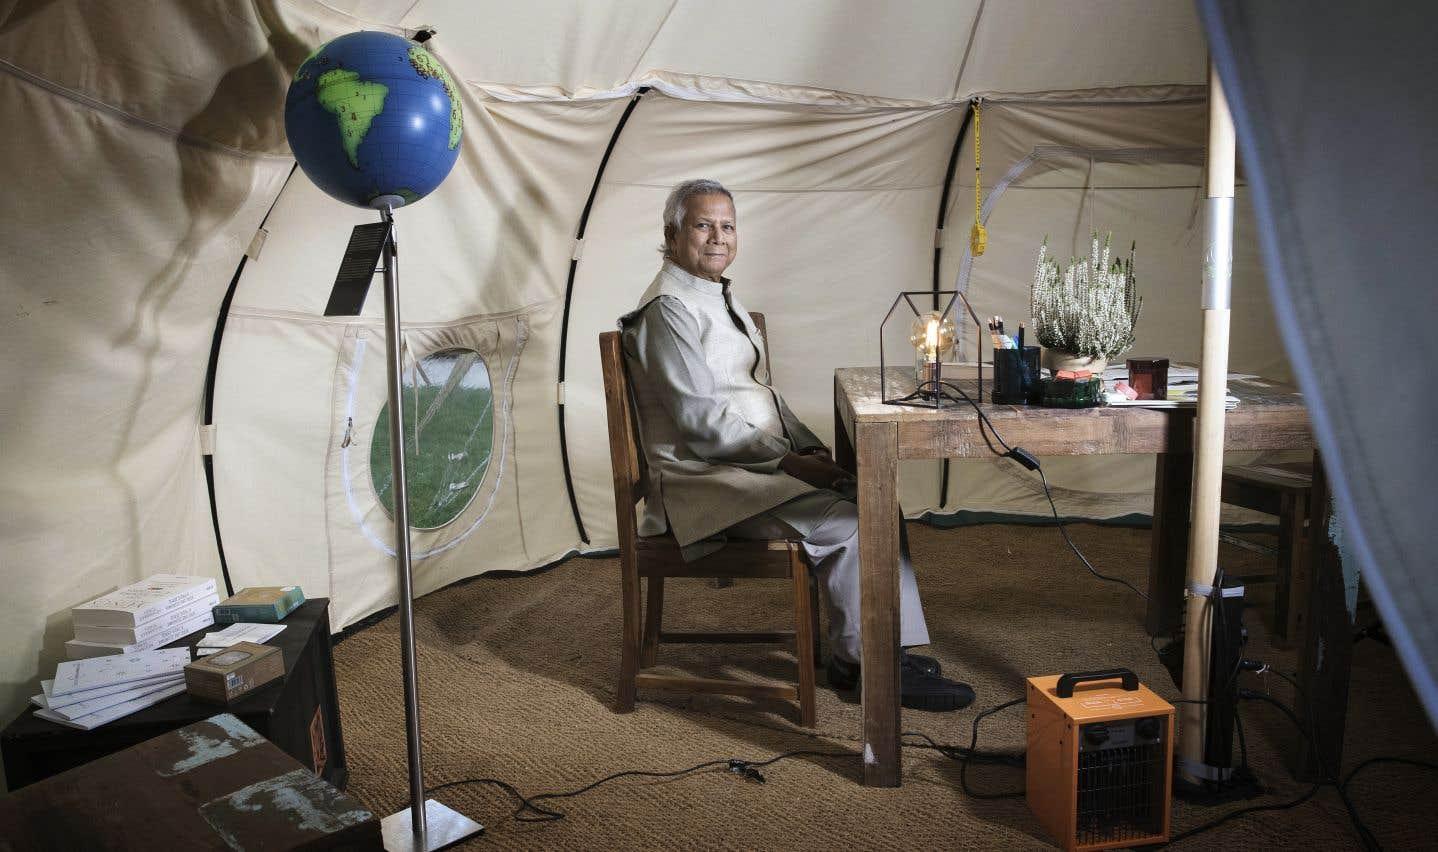 Muhammad Yunus, pionnier du microcrédit et Prix Nobel de la paix 2006, craint que la colère populaire ne se transforme en violence.